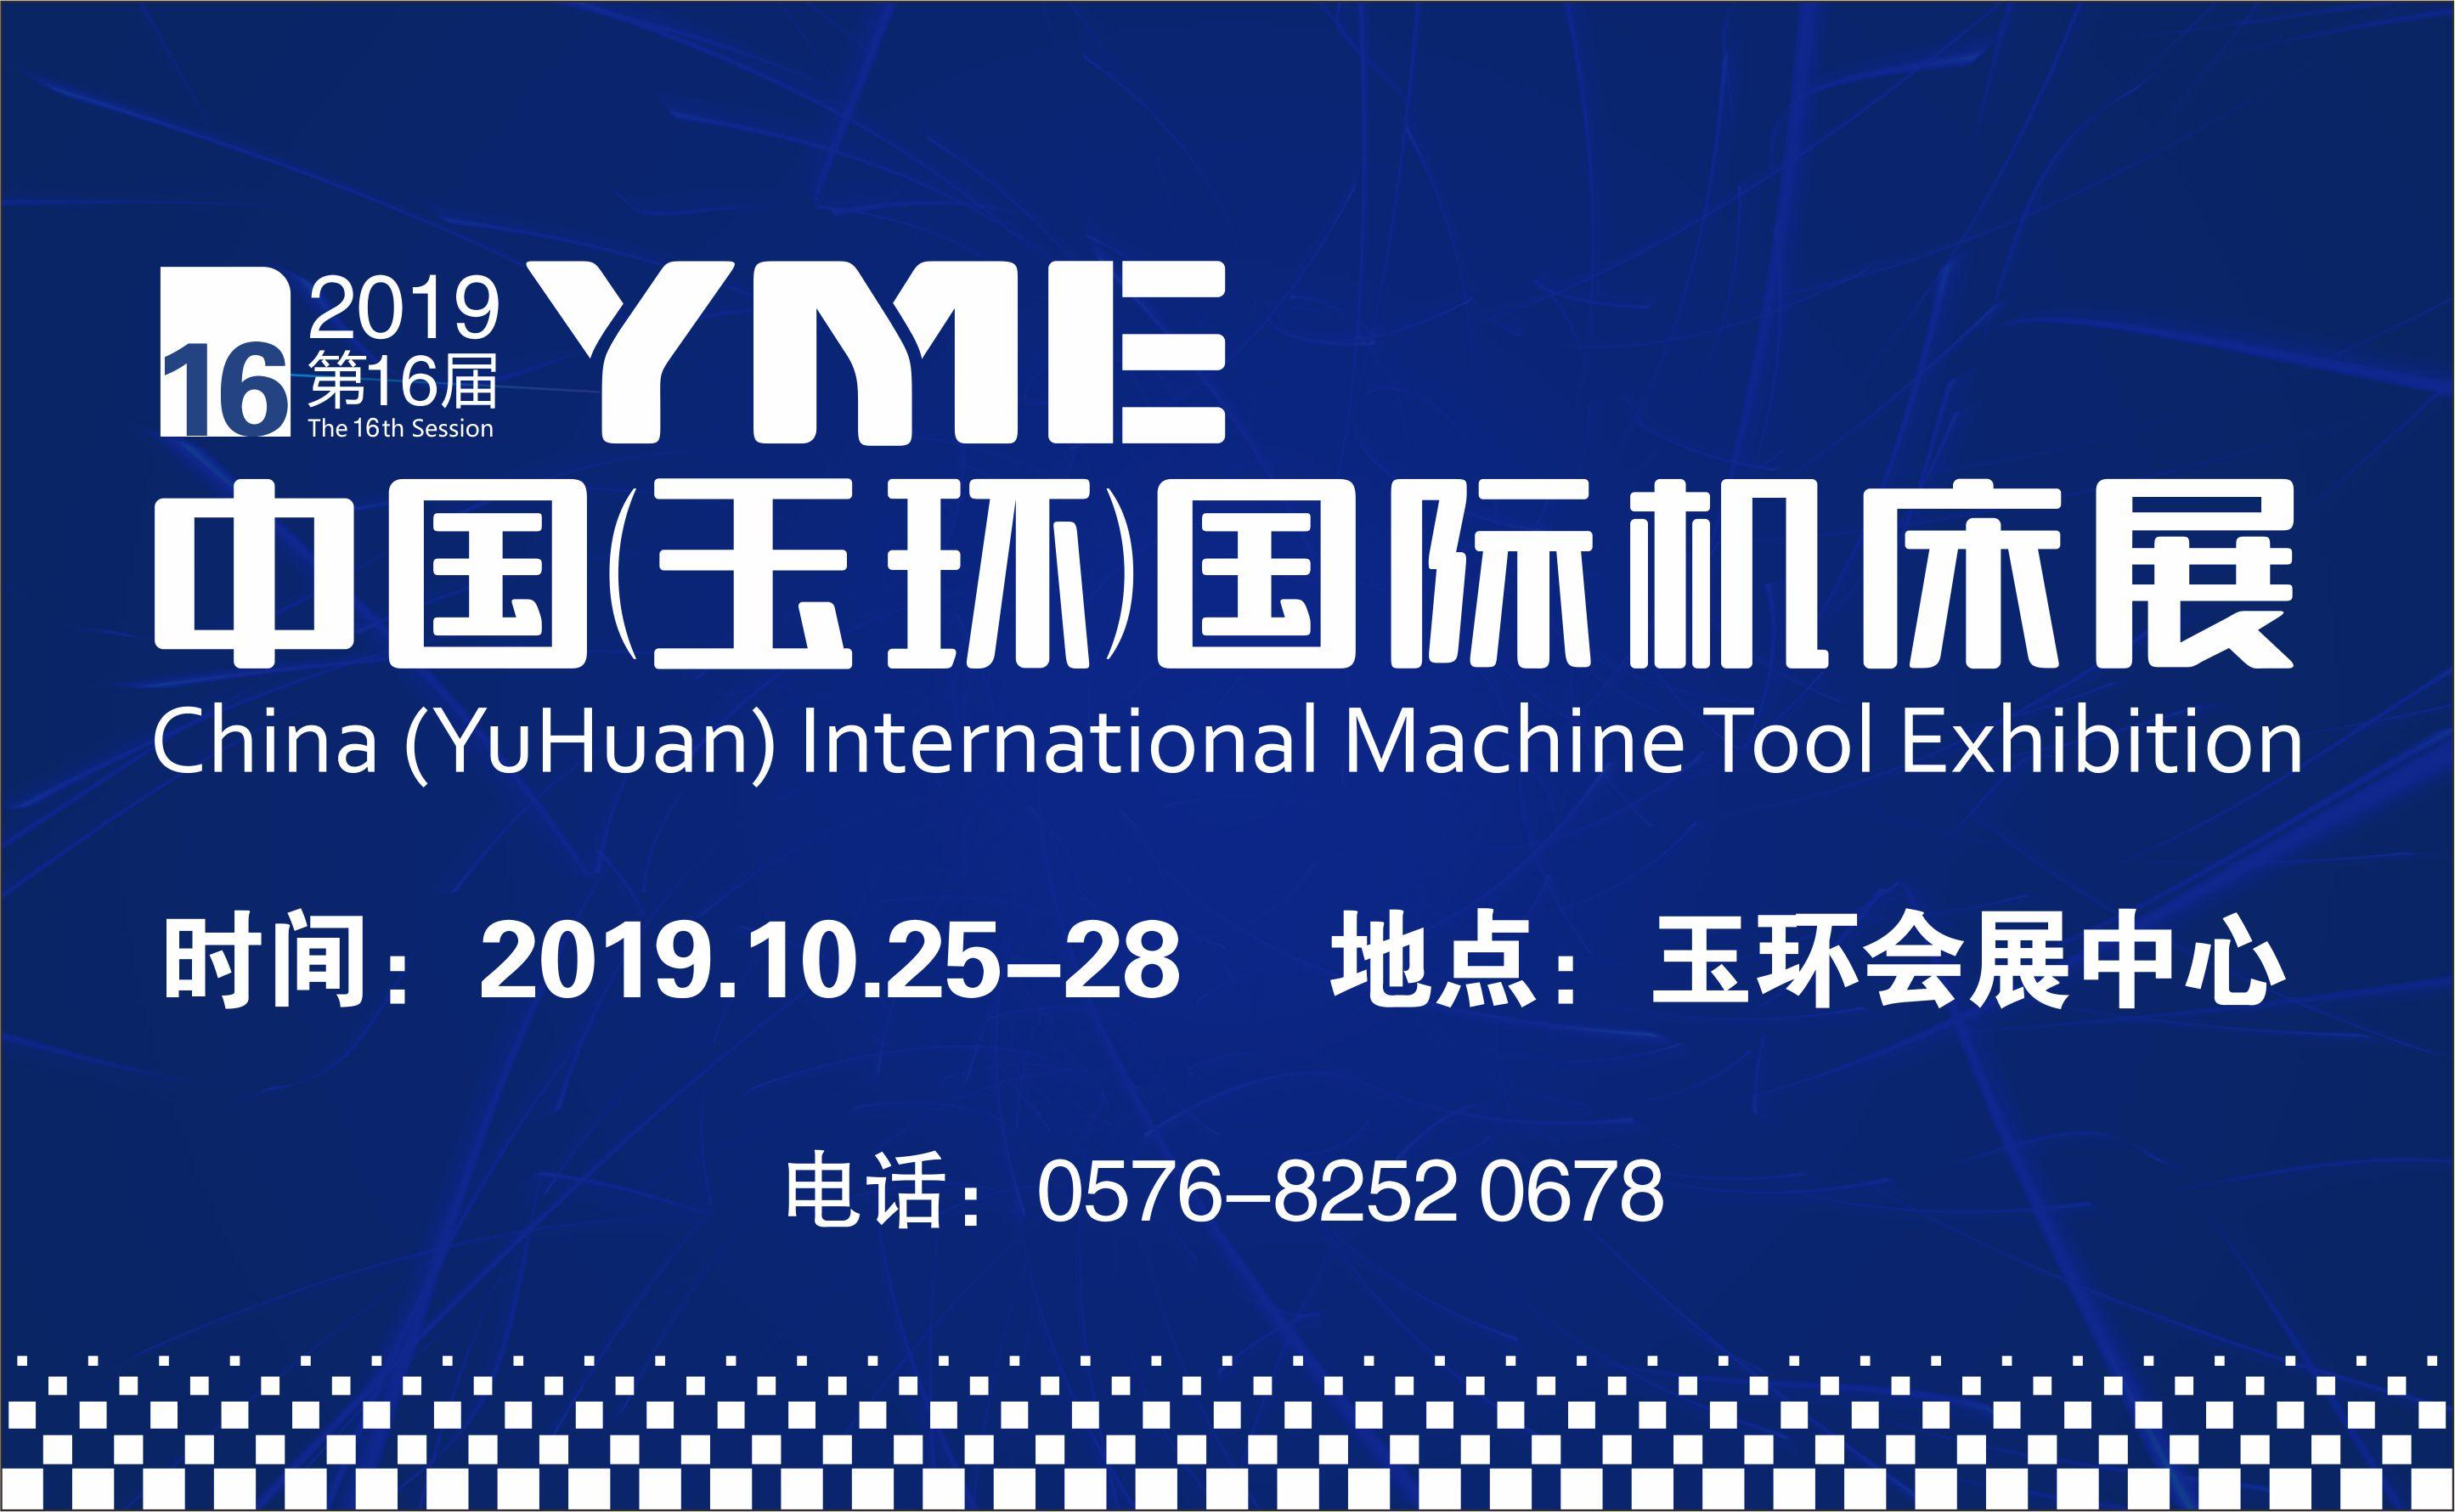 (YME2019)第16屆中國(玉環)國際機床展